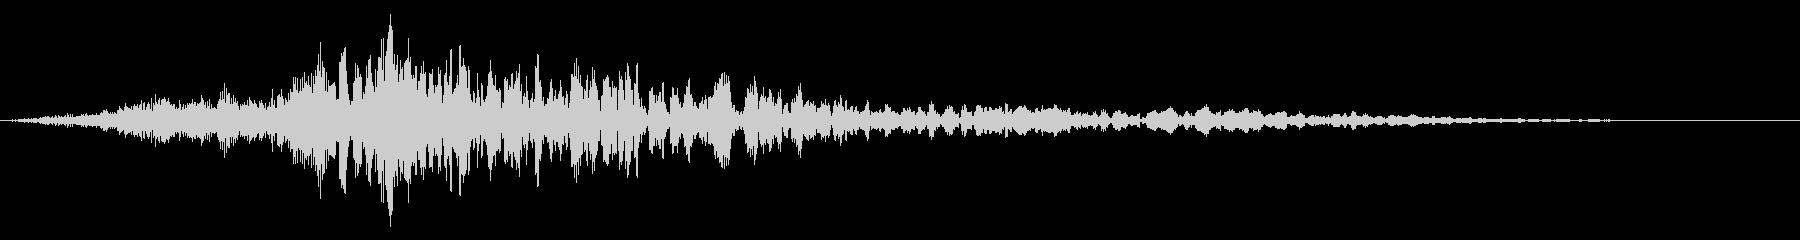 シューシュン!:力強くその場を立ち去る音の未再生の波形